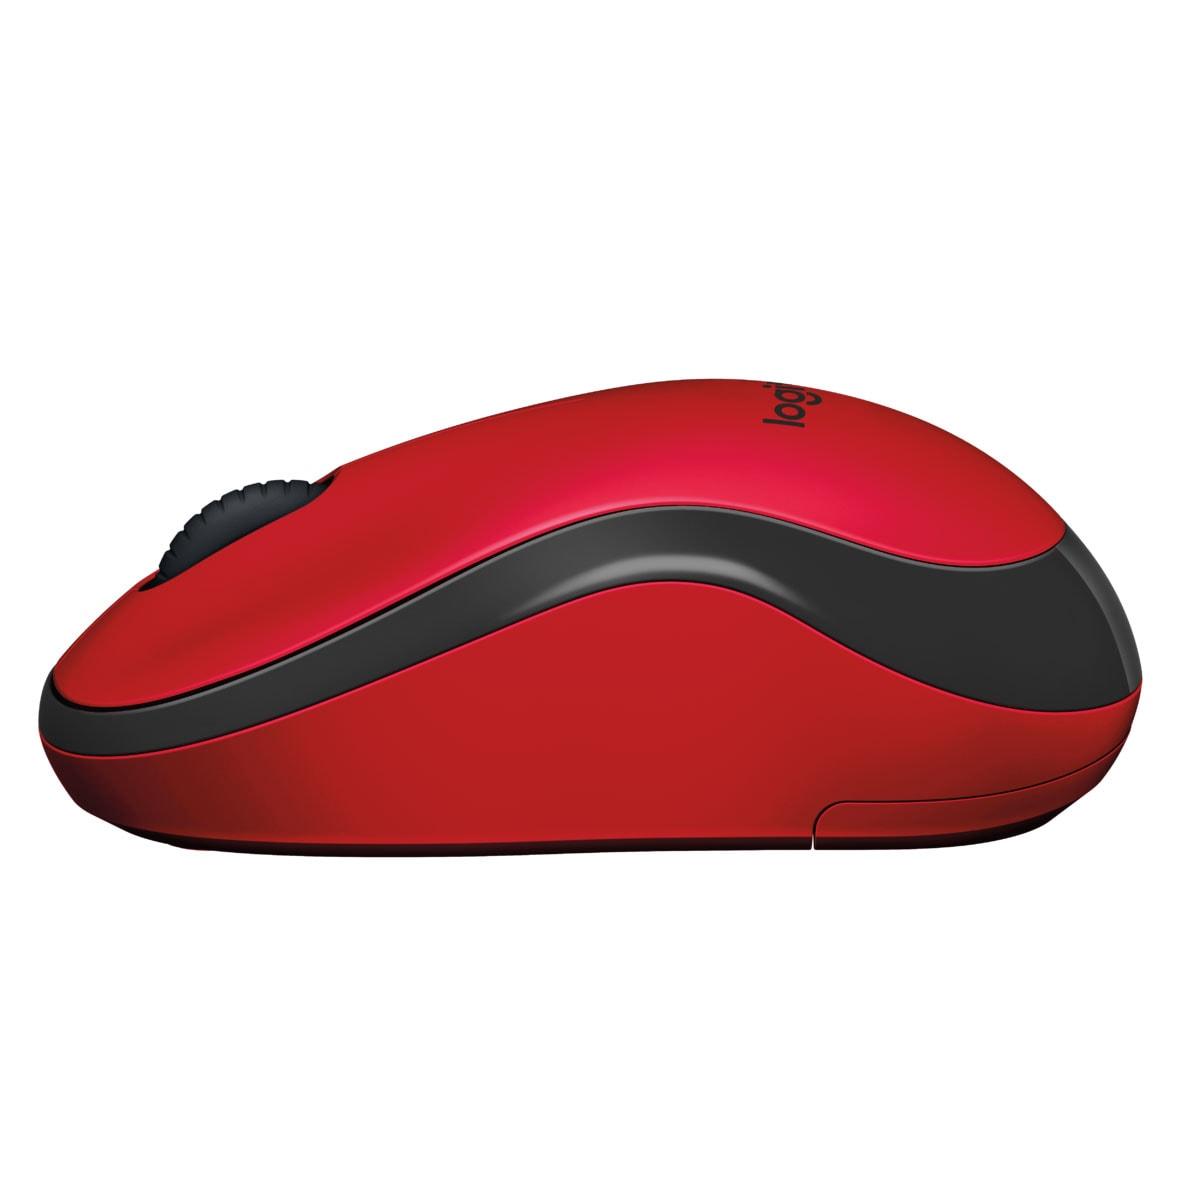 Logitech M220 Silent Red - Souris PC Logitech - Cybertek.fr - 1